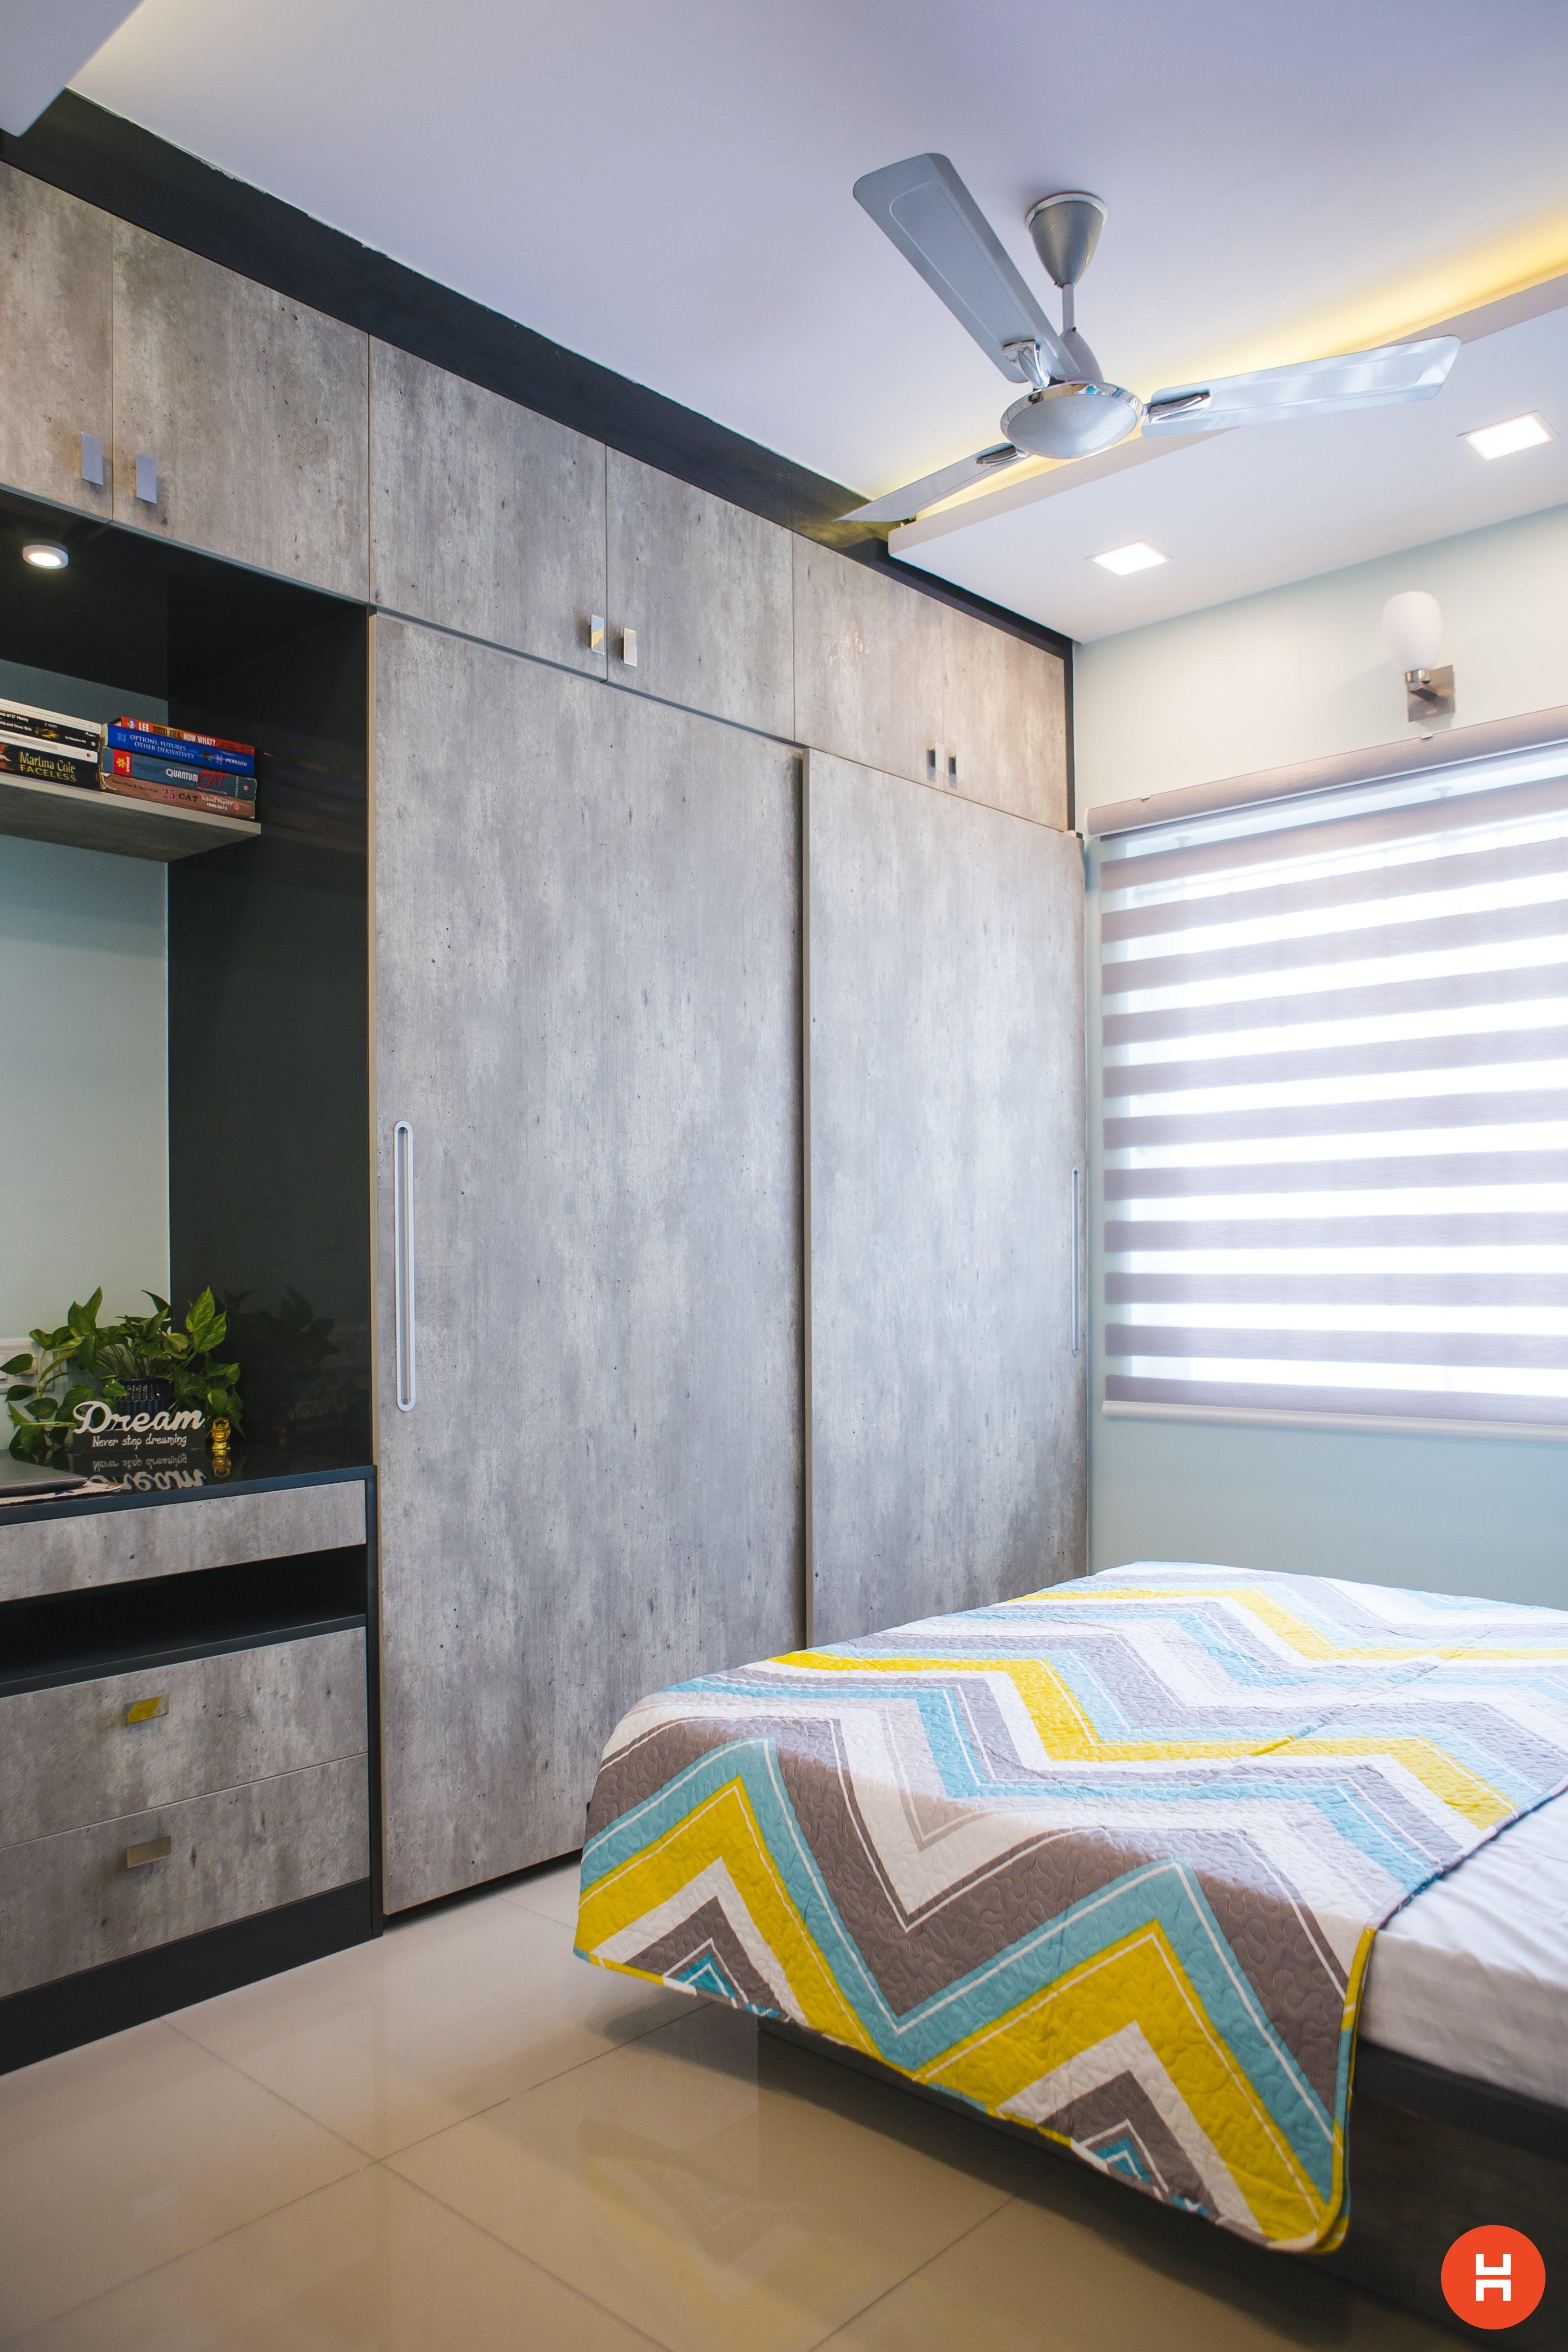 Free stock photo of decor, home design, interior design, wardrobe